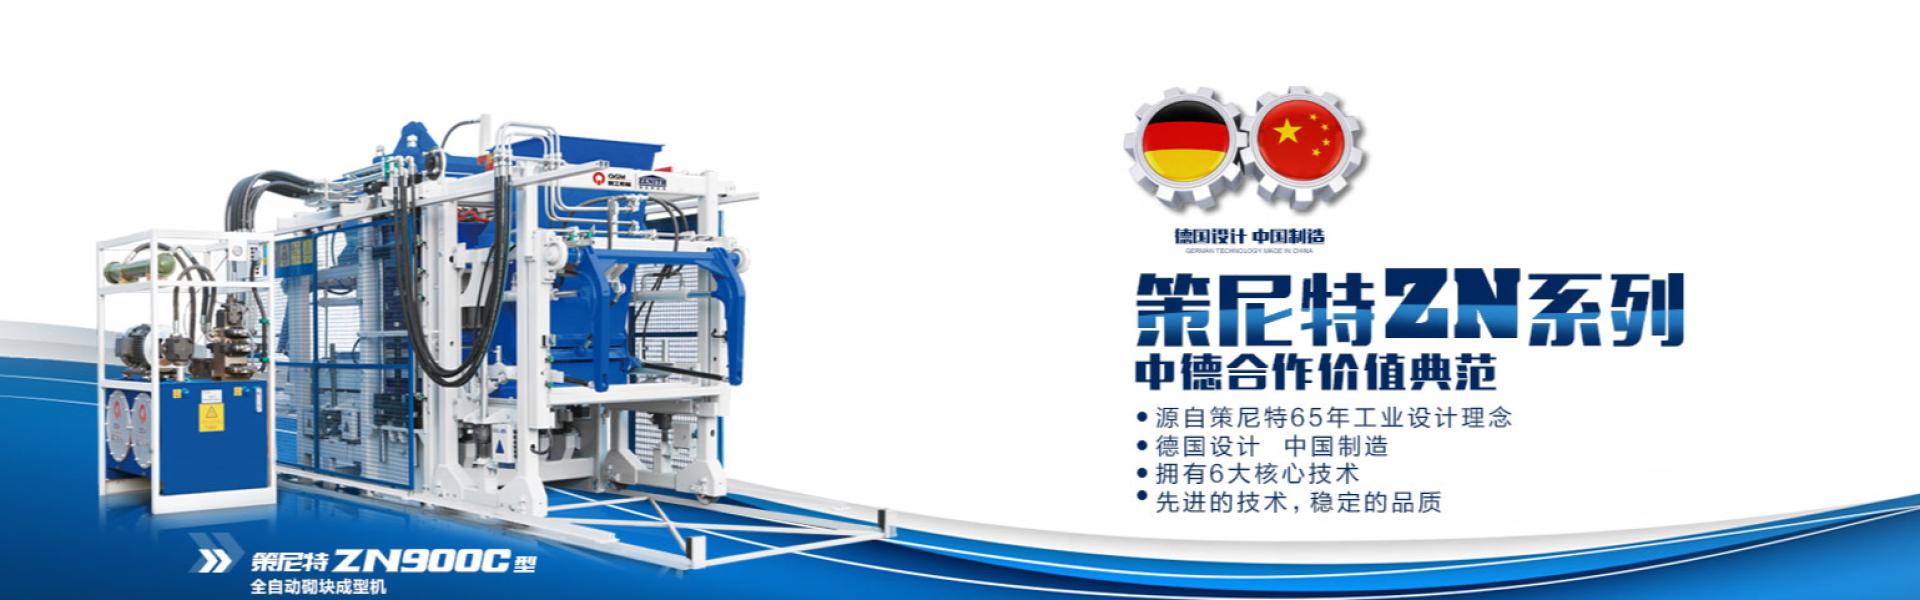 泉工股份 泉工机械 泉工砖机 德国技术中国制造